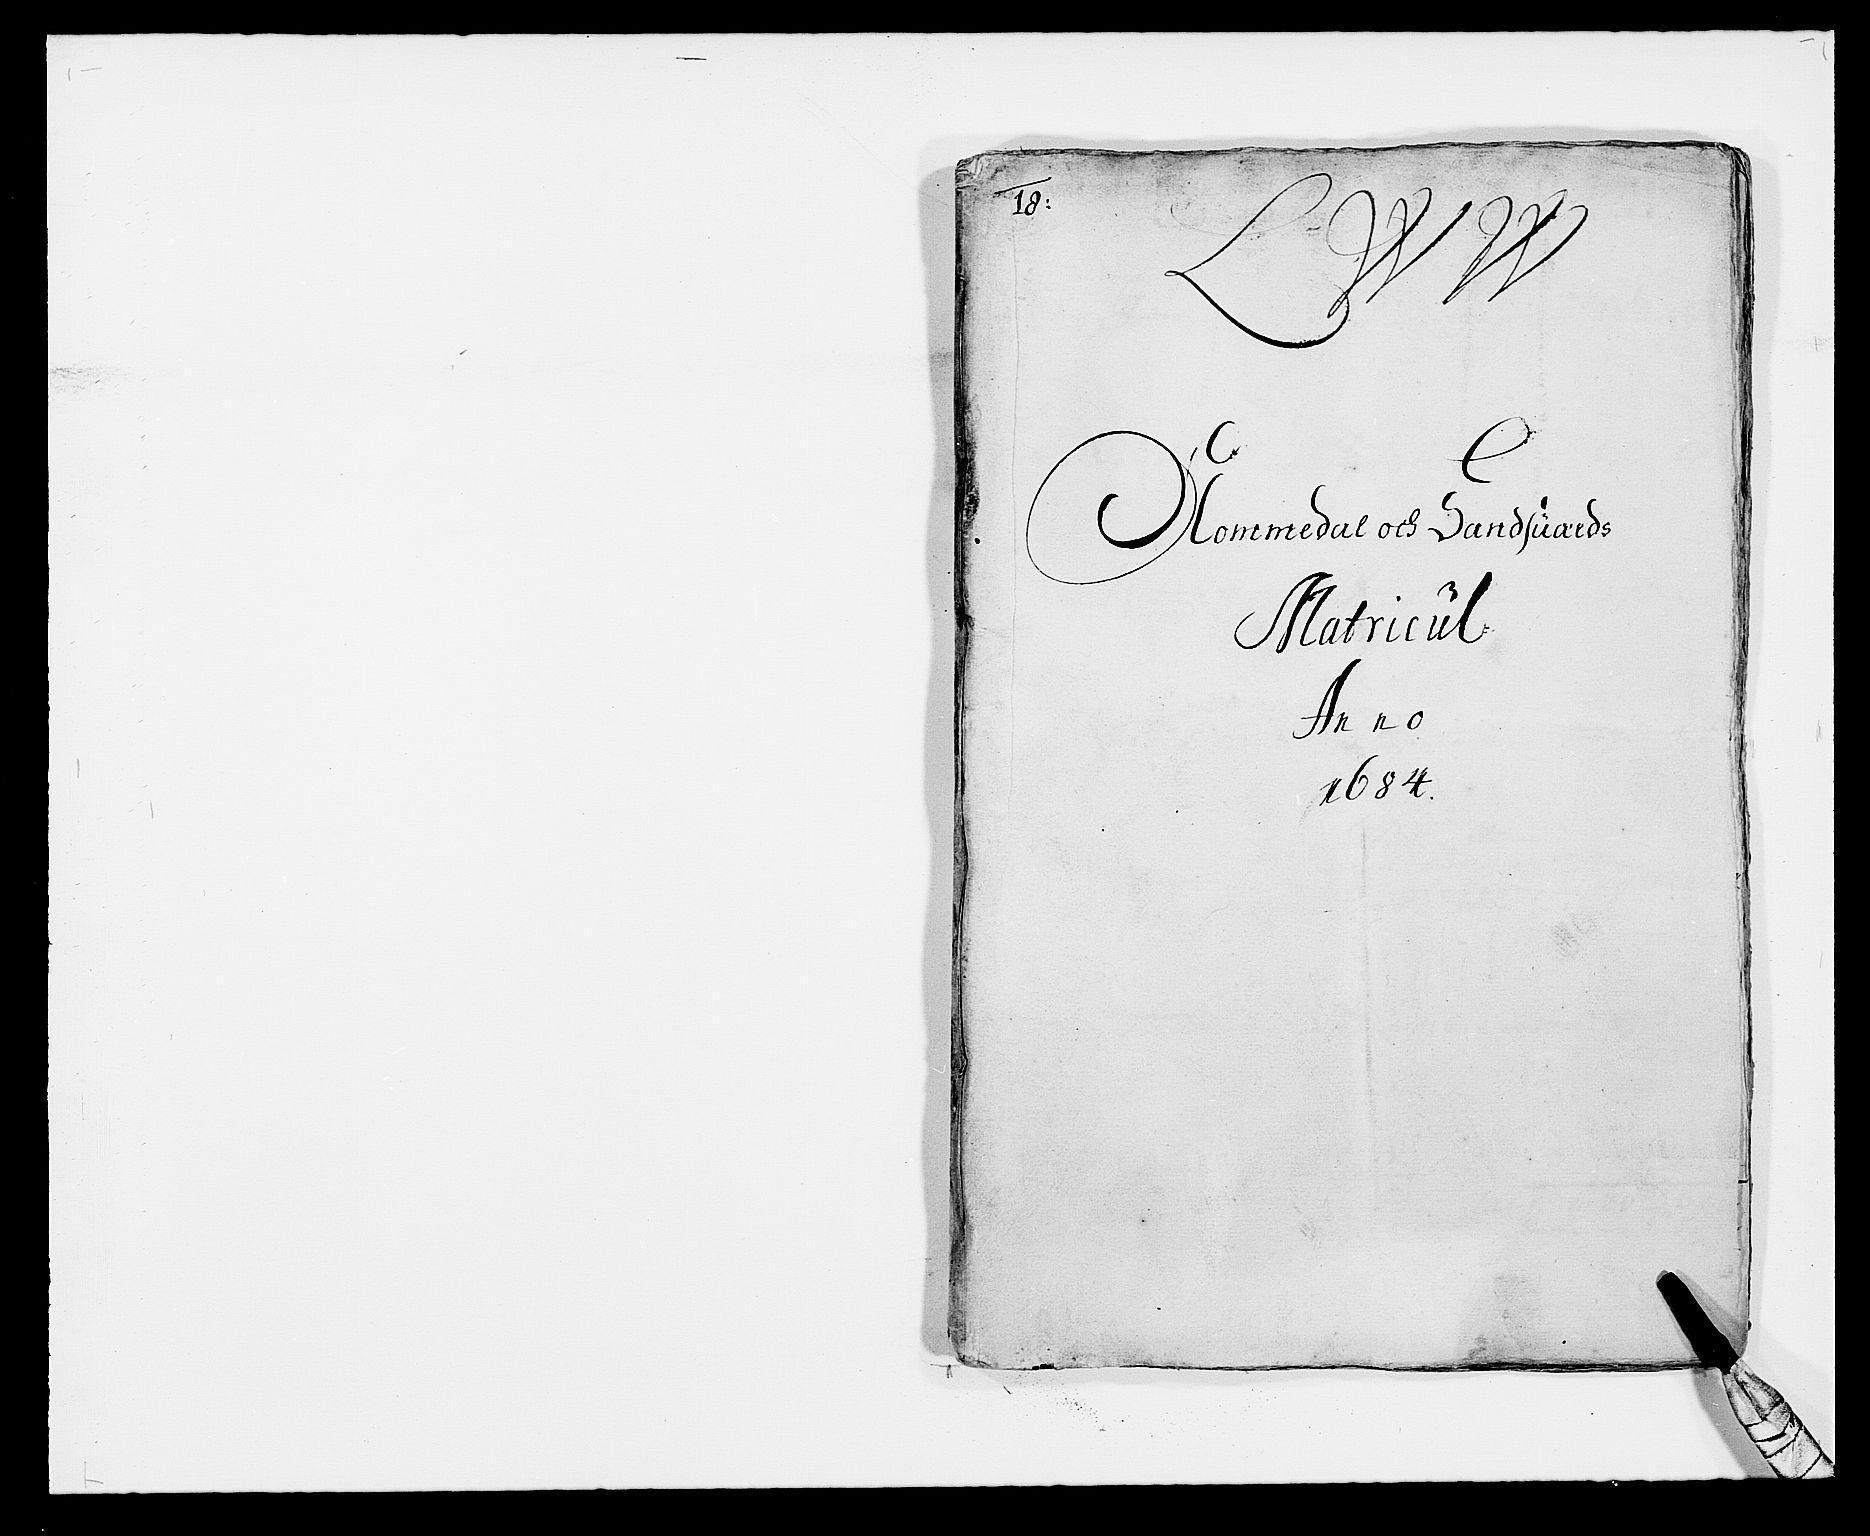 RA, Rentekammeret inntil 1814, Reviderte regnskaper, Fogderegnskap, R24/L1571: Fogderegnskap Numedal og Sandsvær, 1679-1686, s. 22